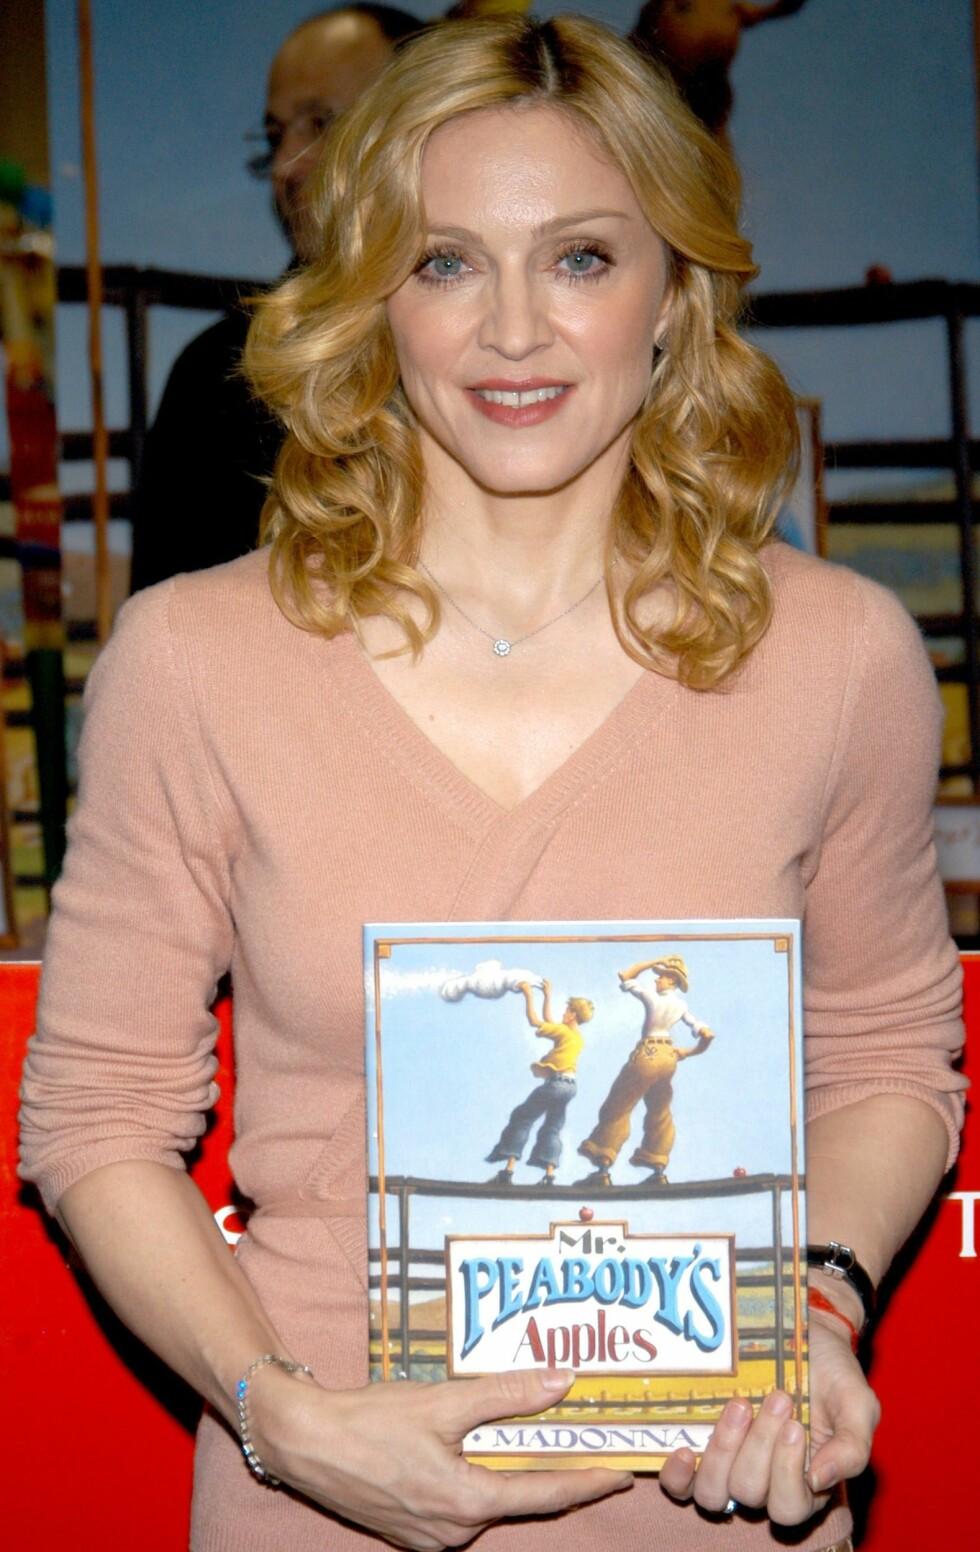 Madonna er også forfatter. Hun ga ut barneboka «Mr. Peabodys Apples» i 2003.